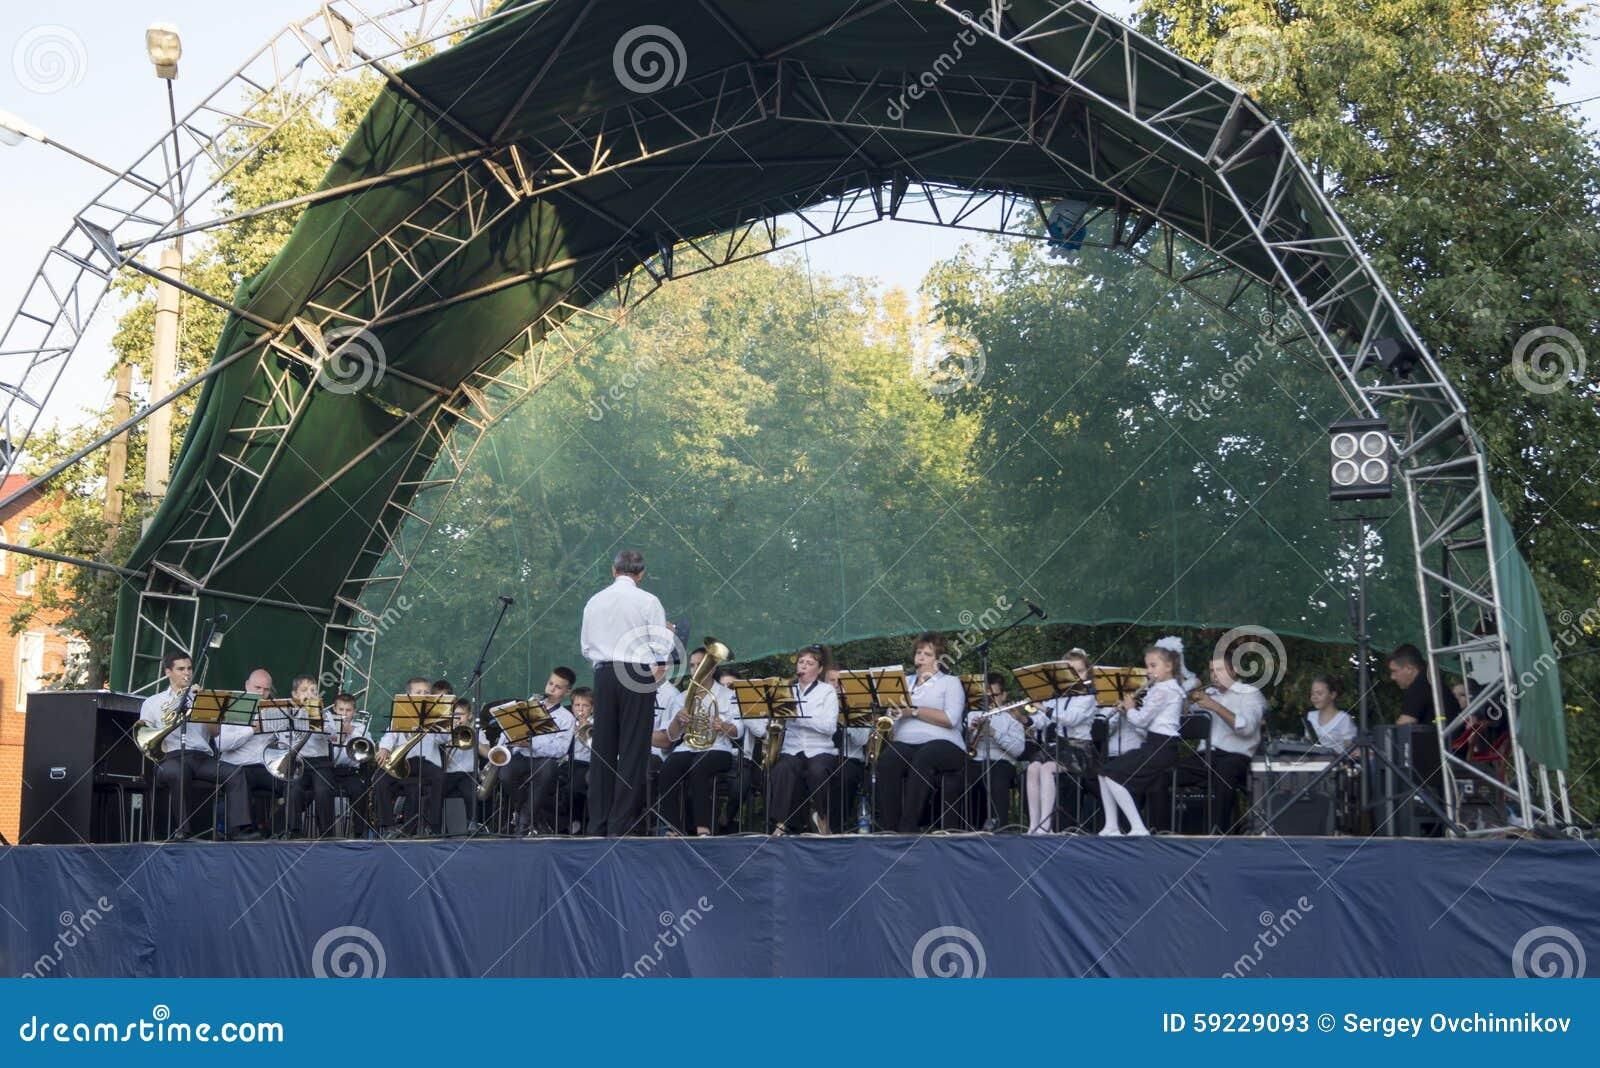 Mstera, Rusia-agosto 8,2015: Juegos del músico de la orquesta en escena abierta